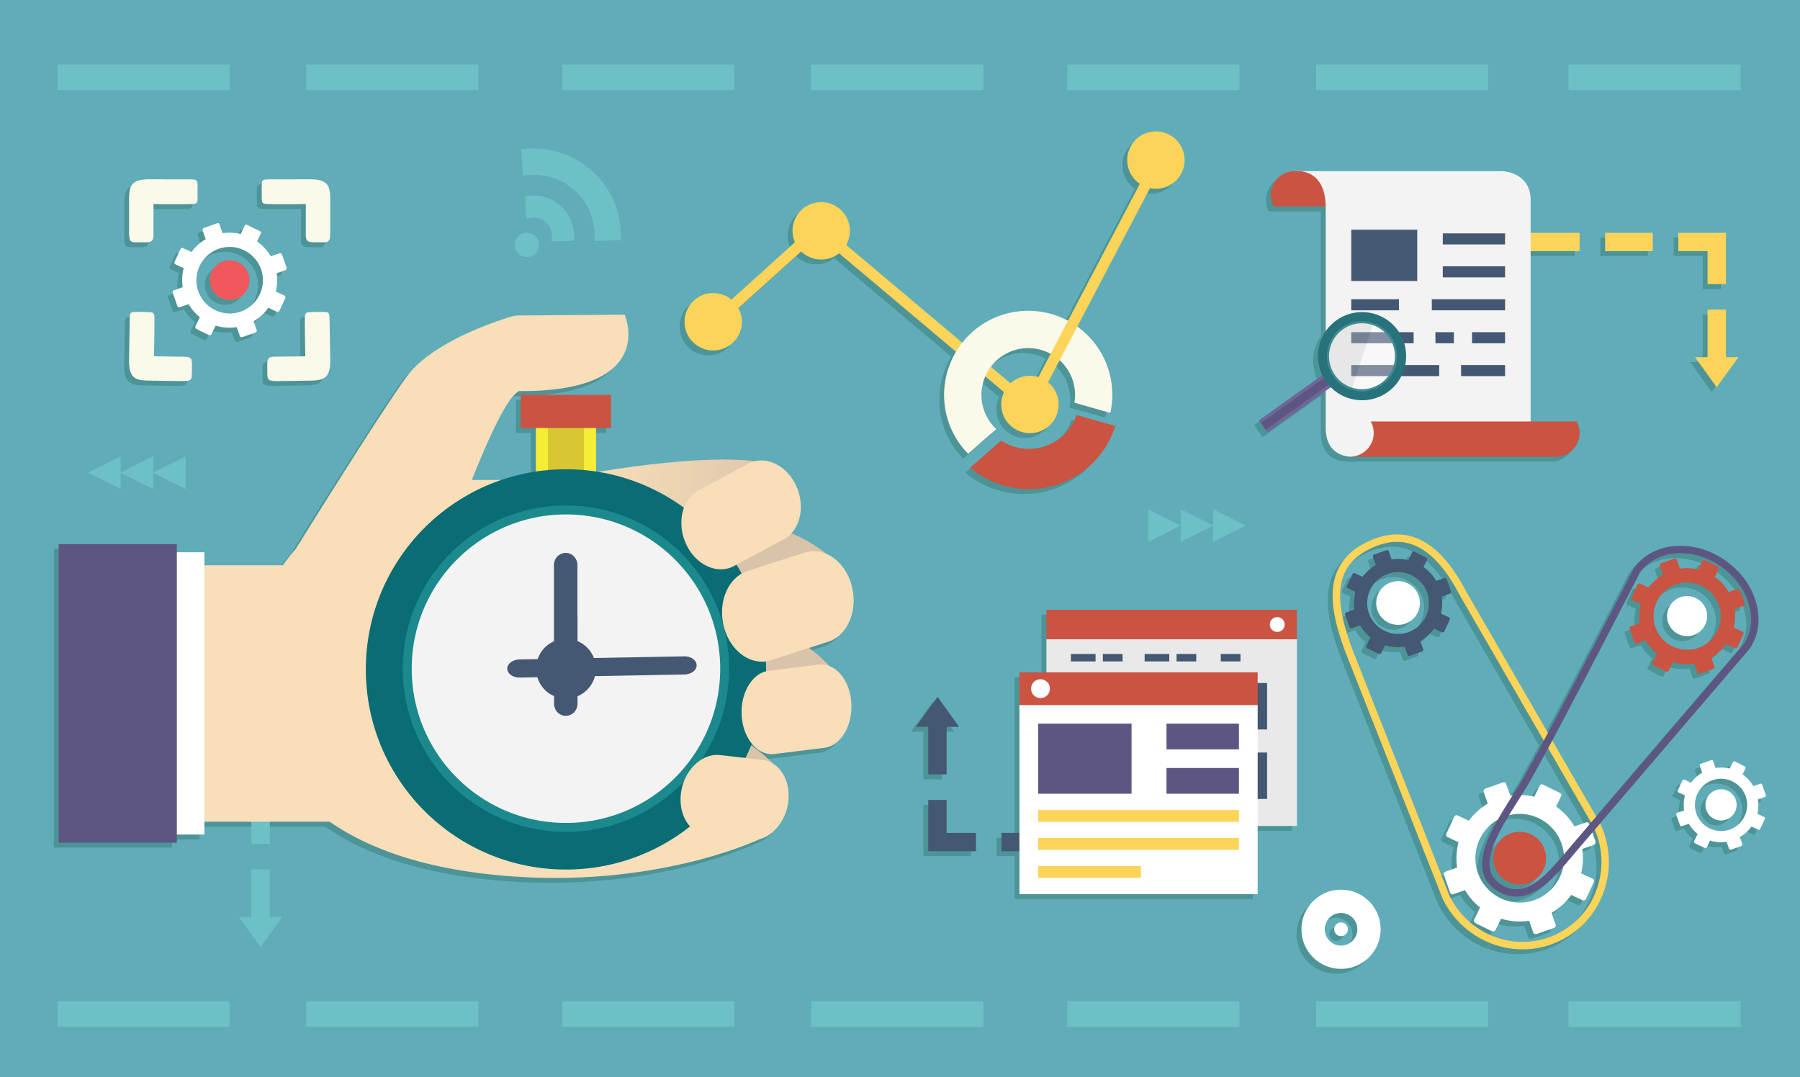 Conoce estas 5 claves para ser más productivo